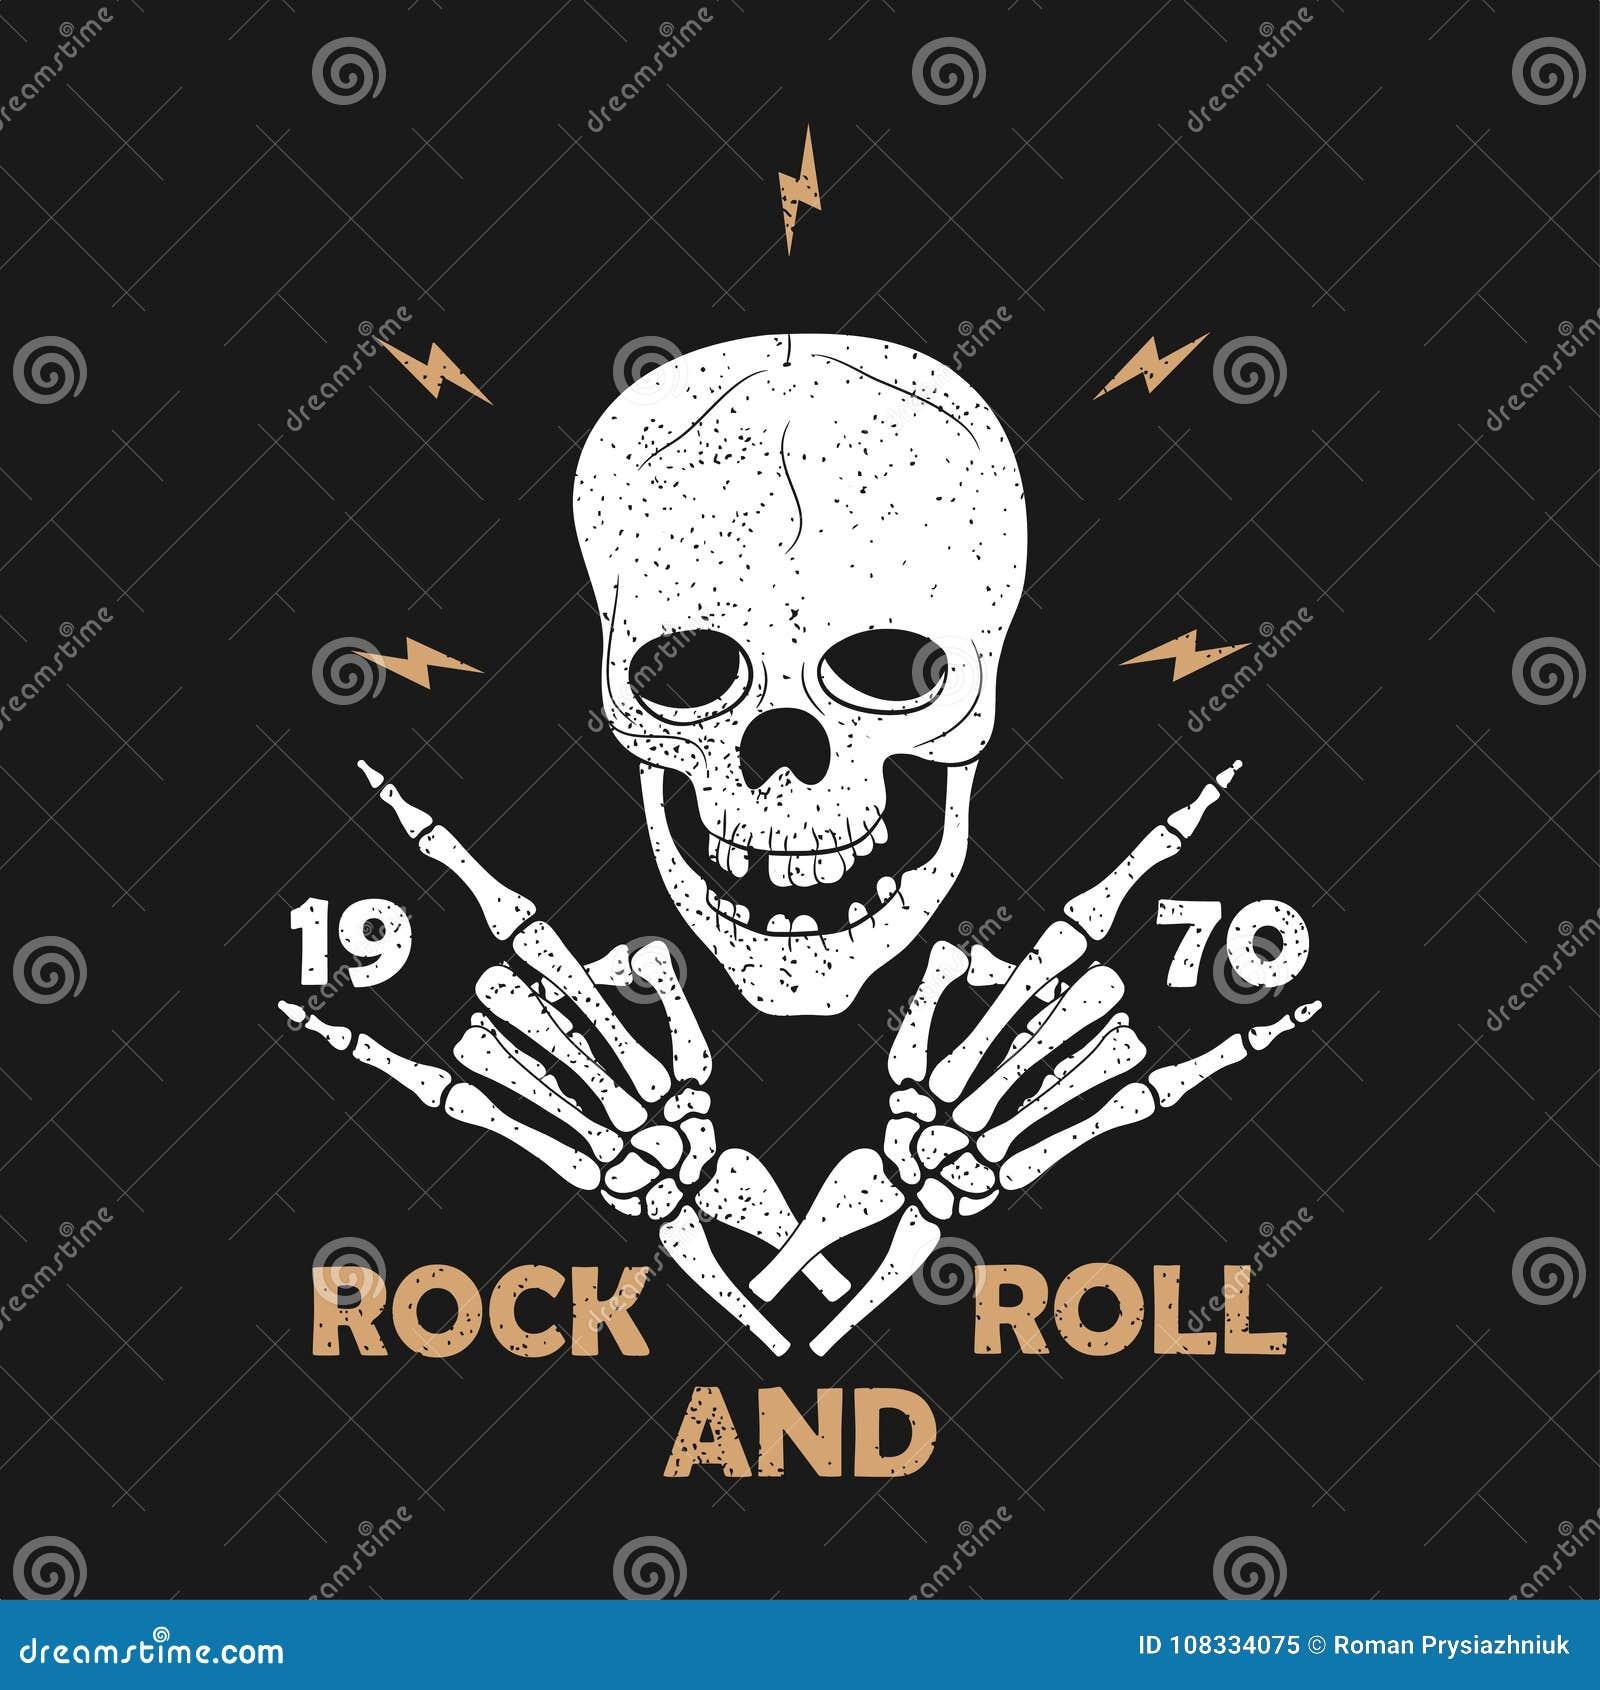 Rots-n-broodje muziek grunge typografie voor t-shirt Klerenontwerp met skelethanden en schedel Grafiek voor klerendruk, kleding